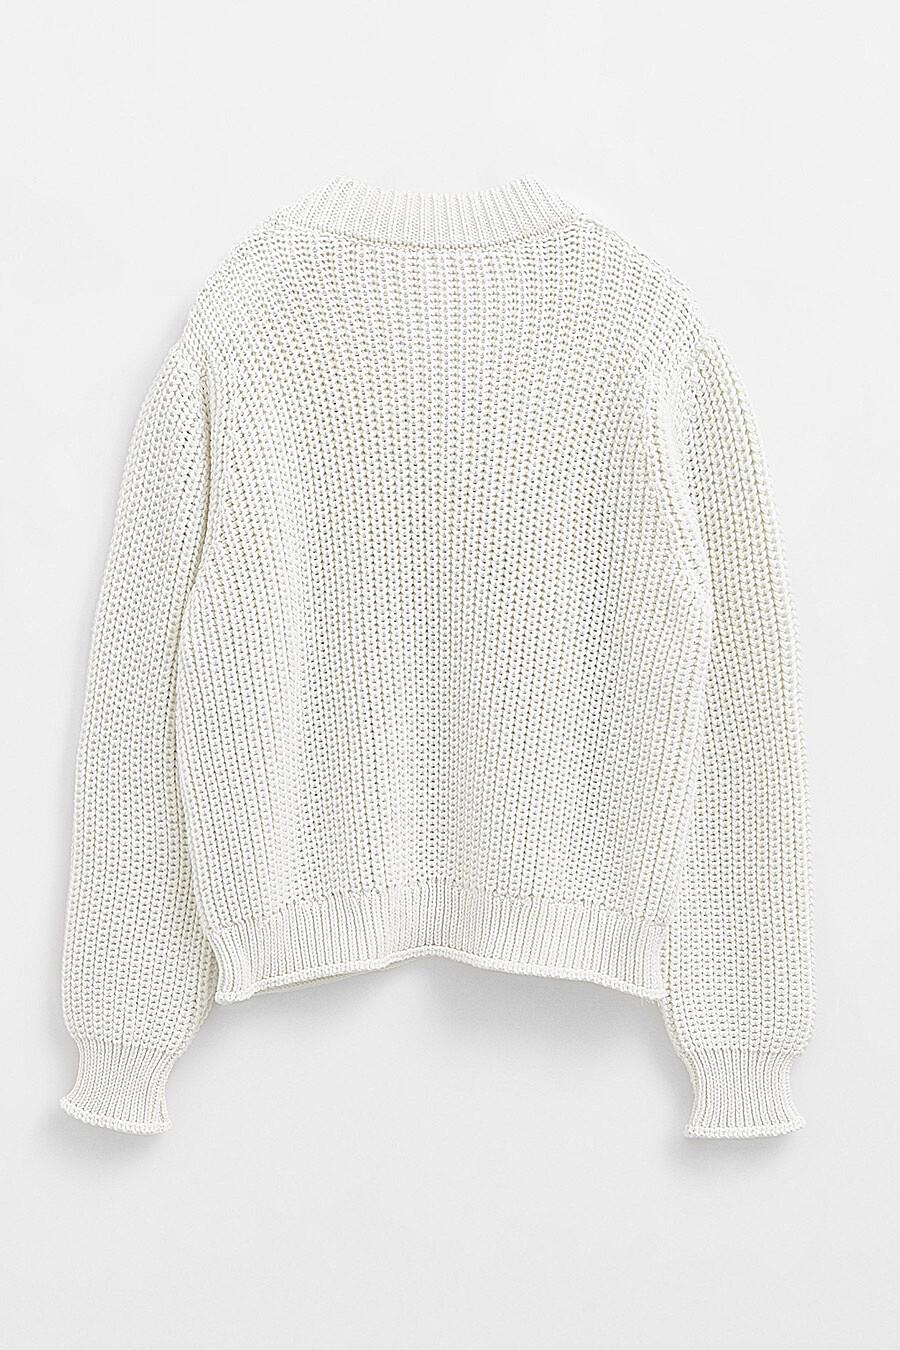 Джемпер CONTE ELEGANT (700305), купить в Moyo.moda